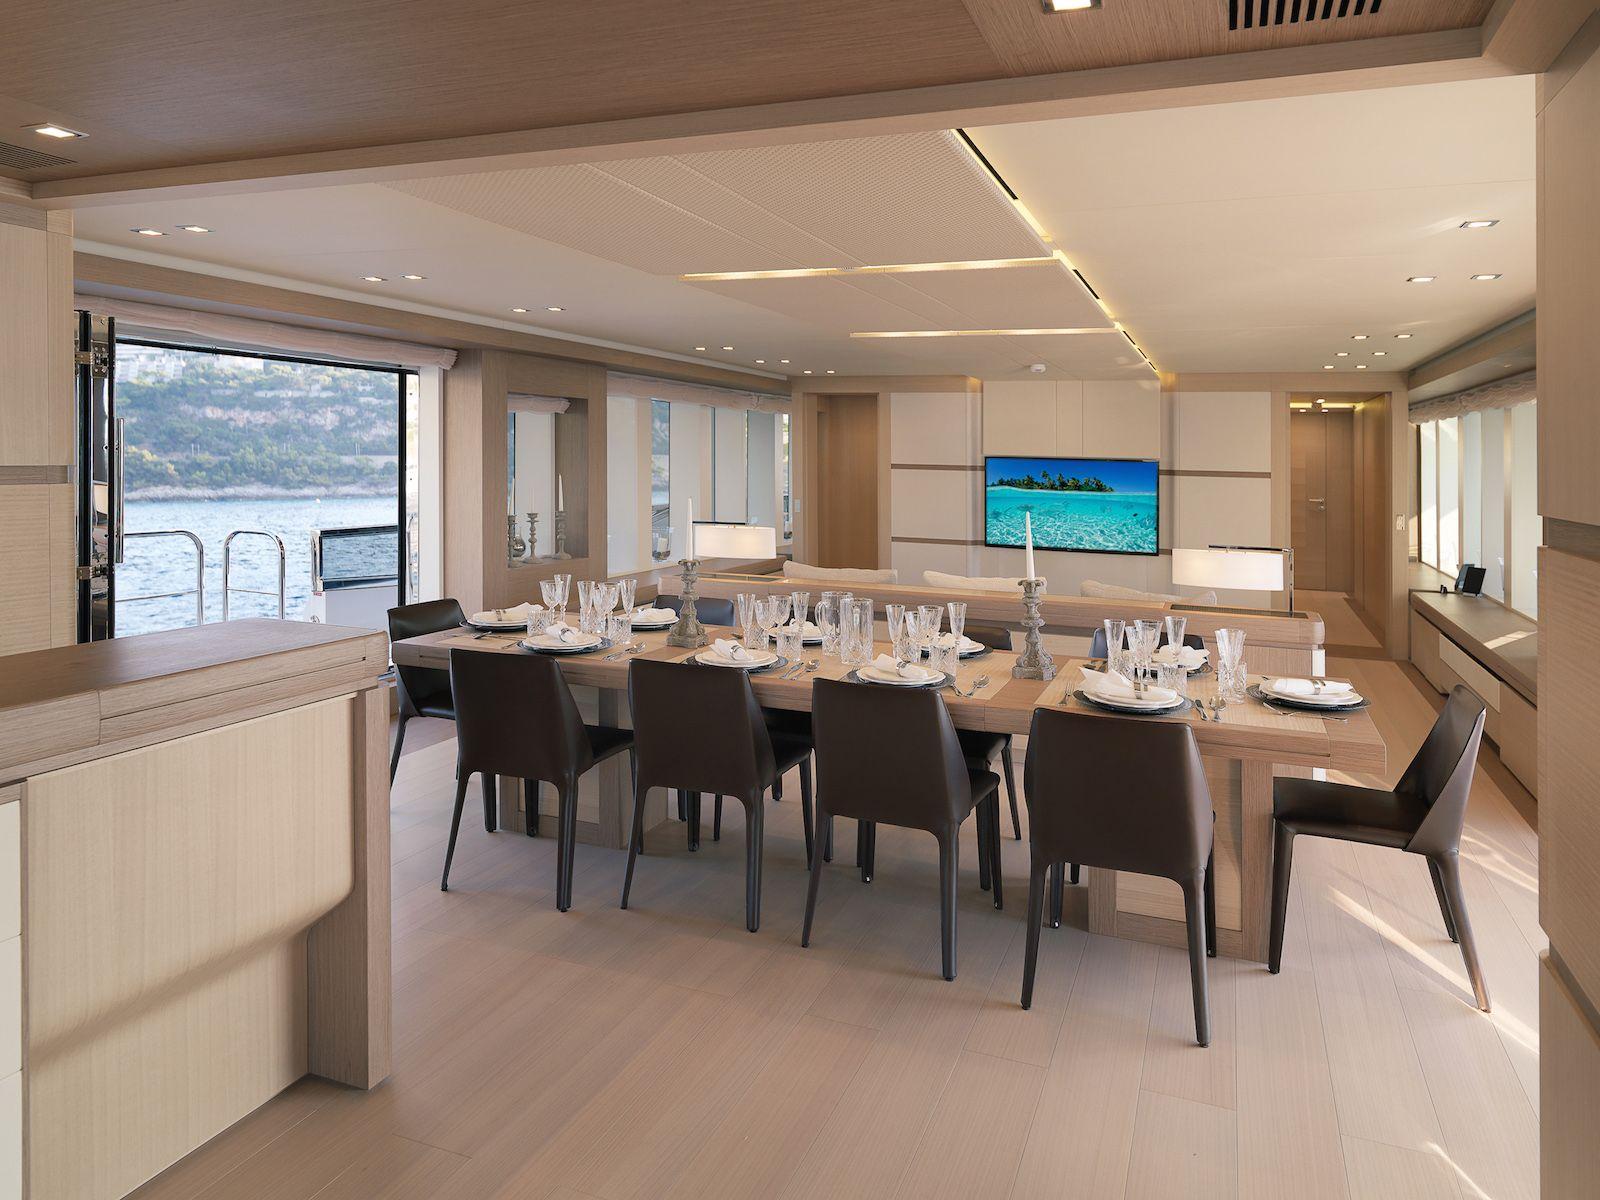 Luxury superyacht keyla interior by hot lab luxury yacht charter - Hot Lab Yacht Design Divine 40m